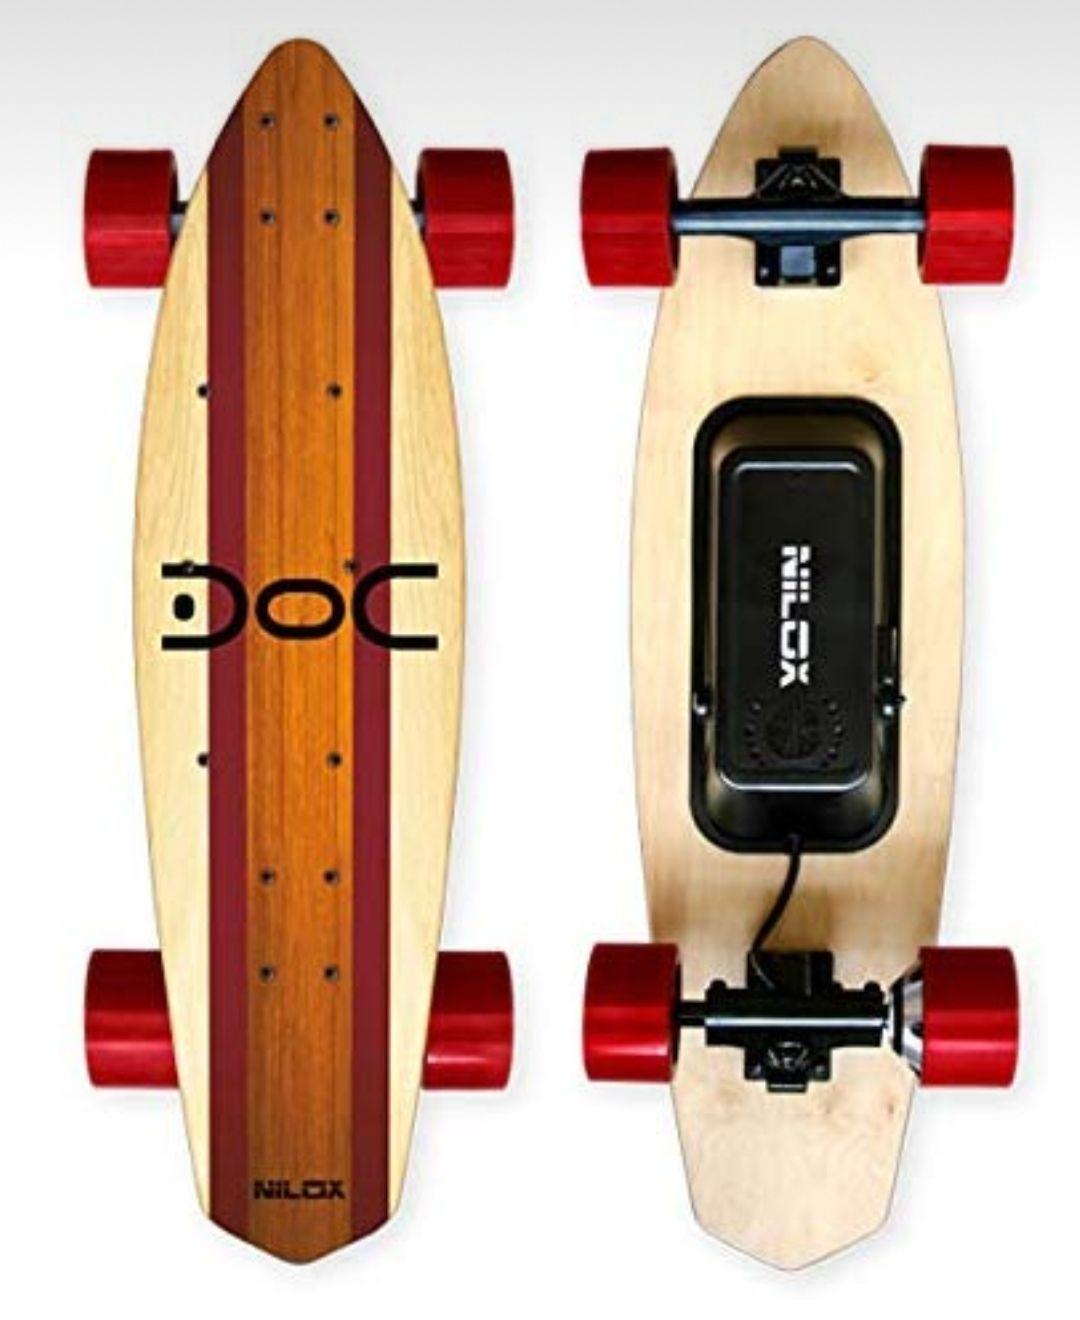 Skate NILOX a precio chollazo